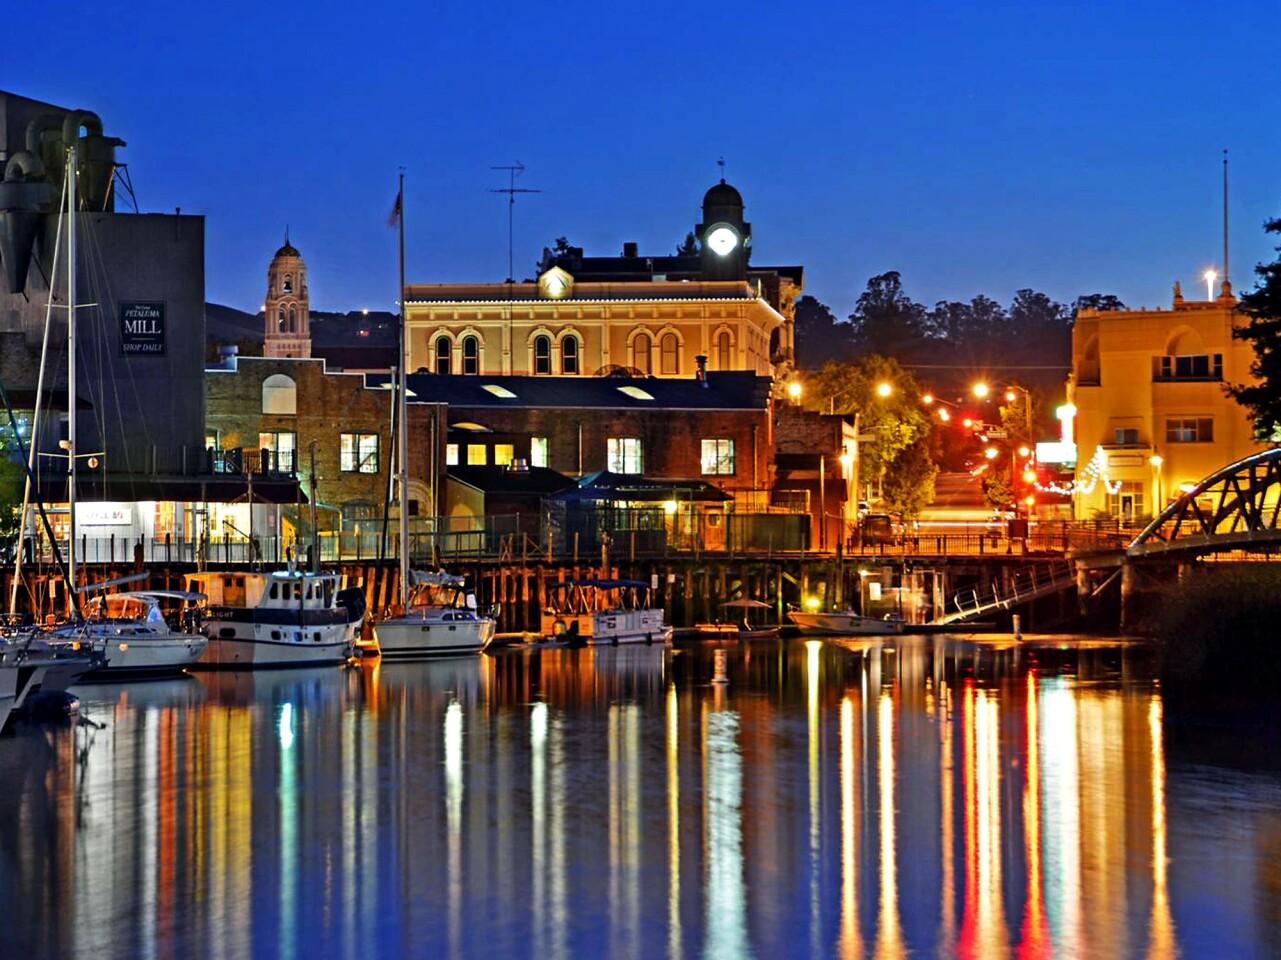 Weekend getaway to Petaluma